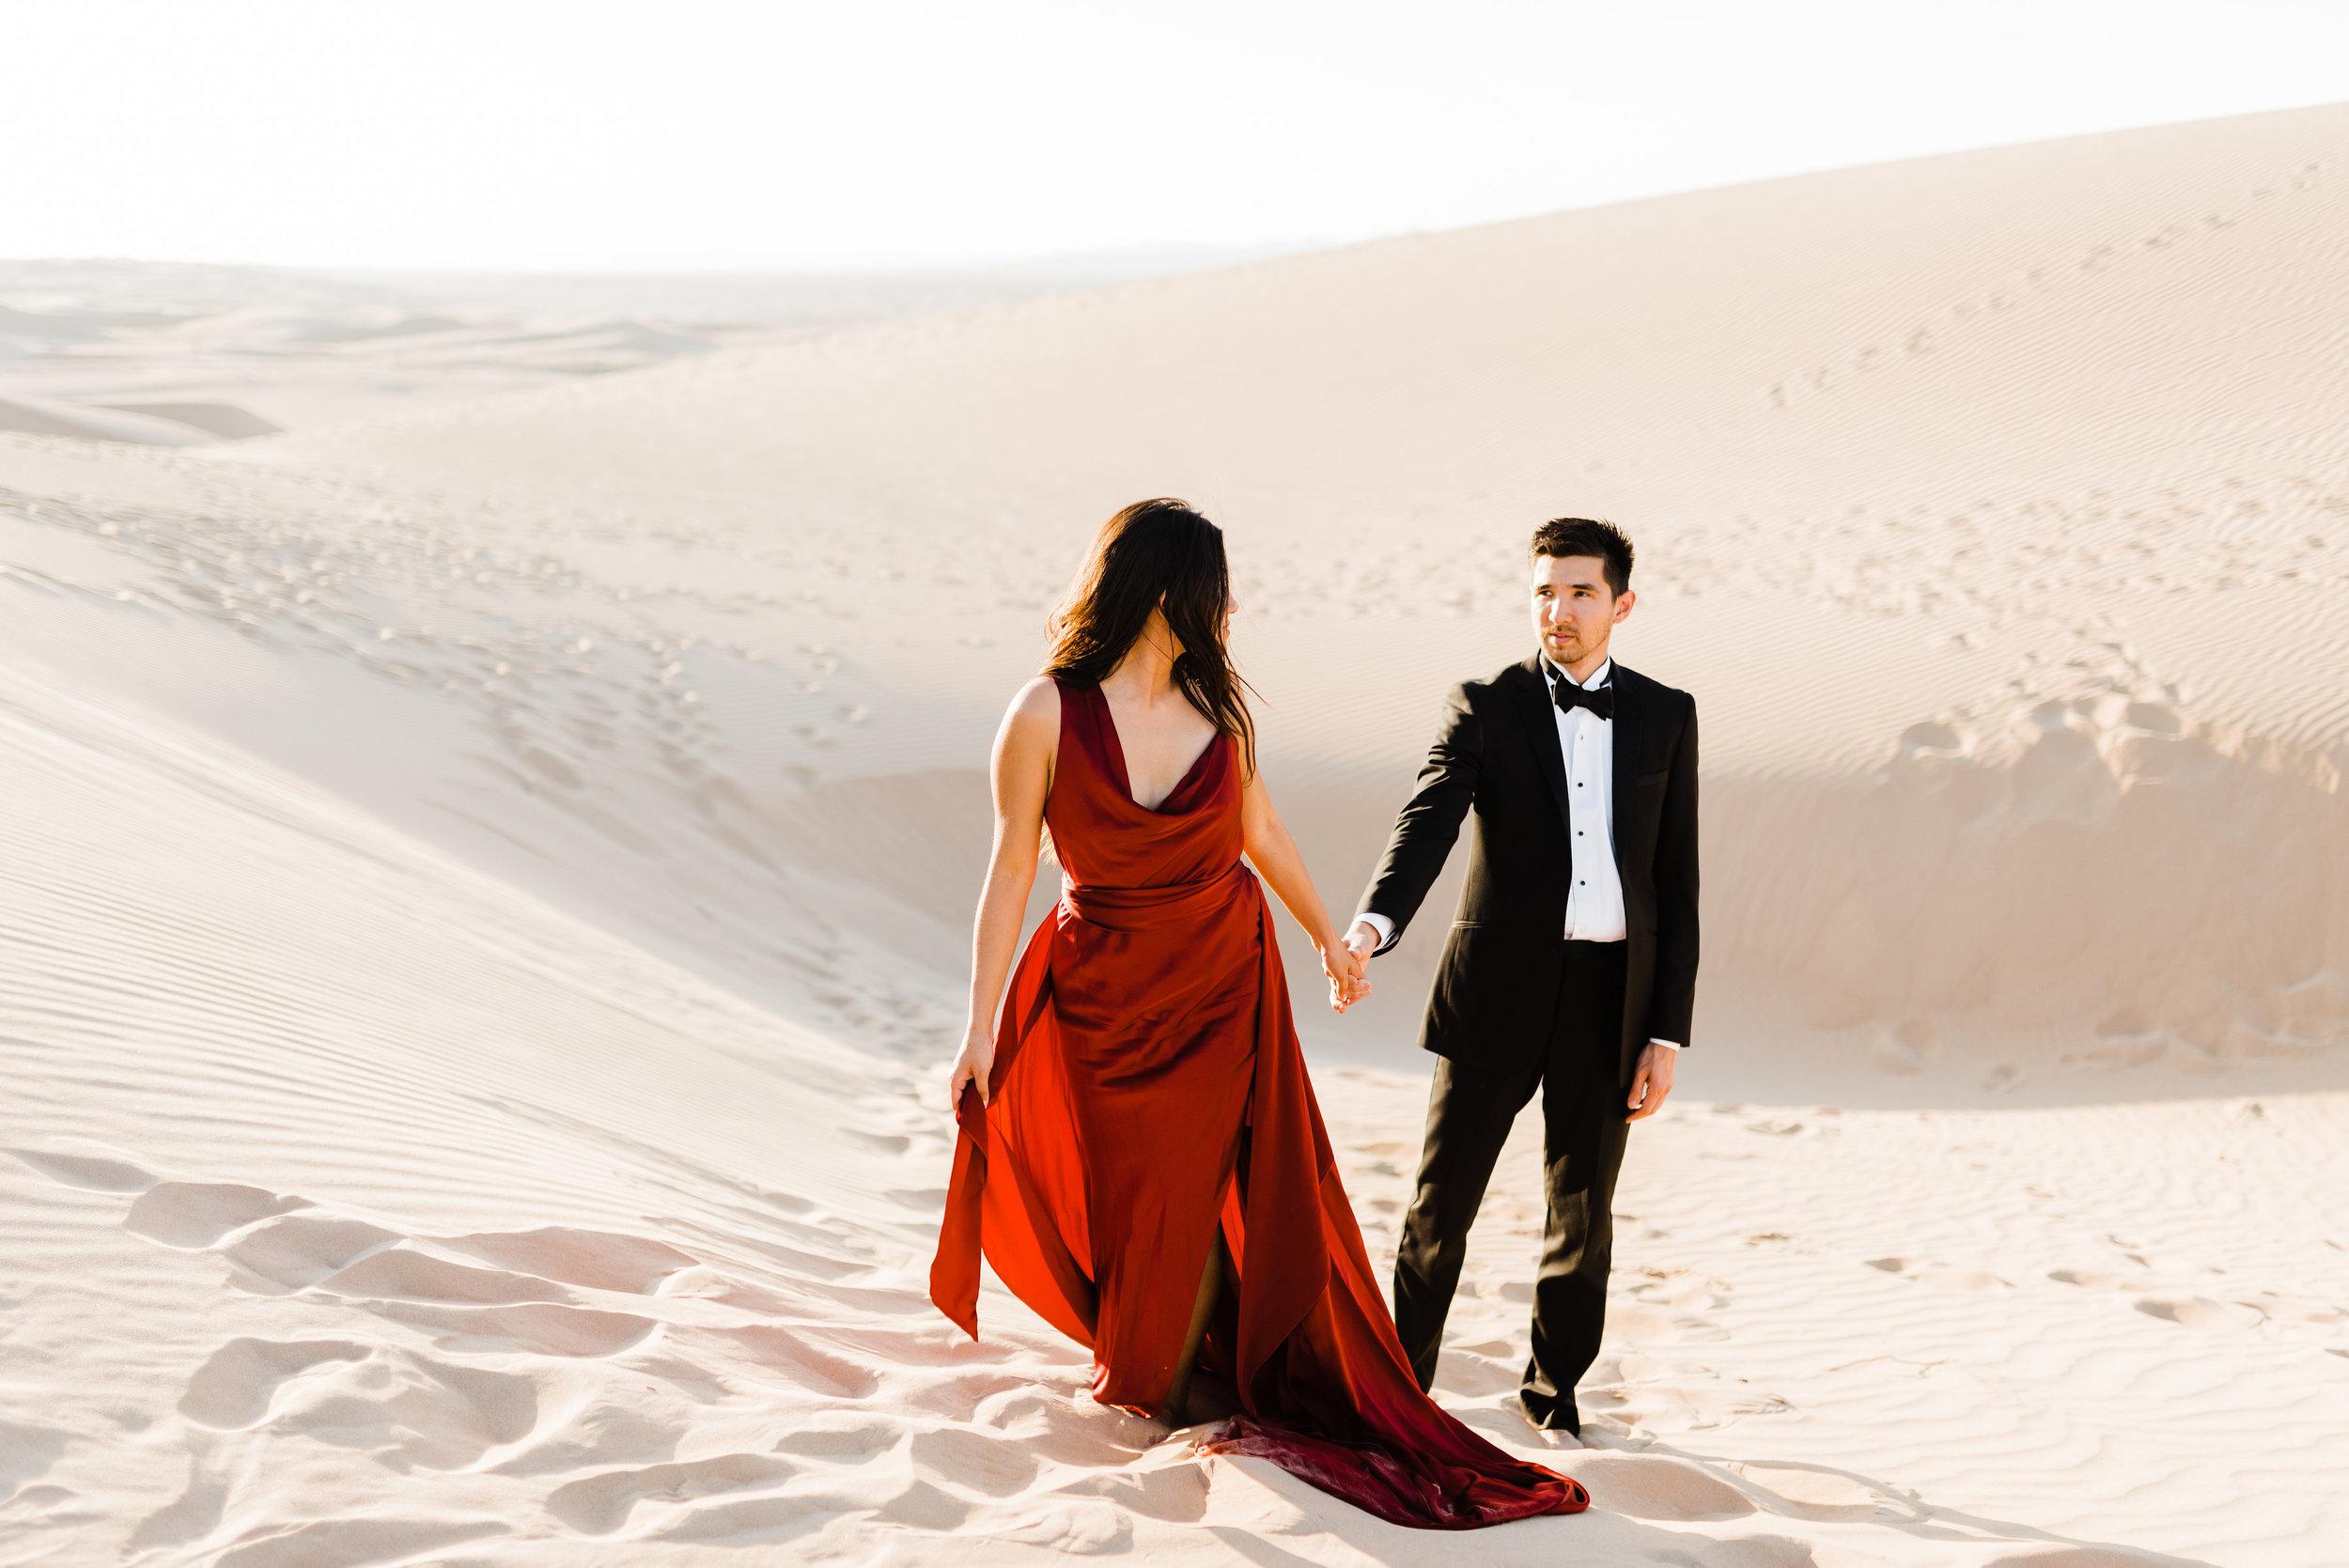 Custom wedding dress designer red 21.jpg